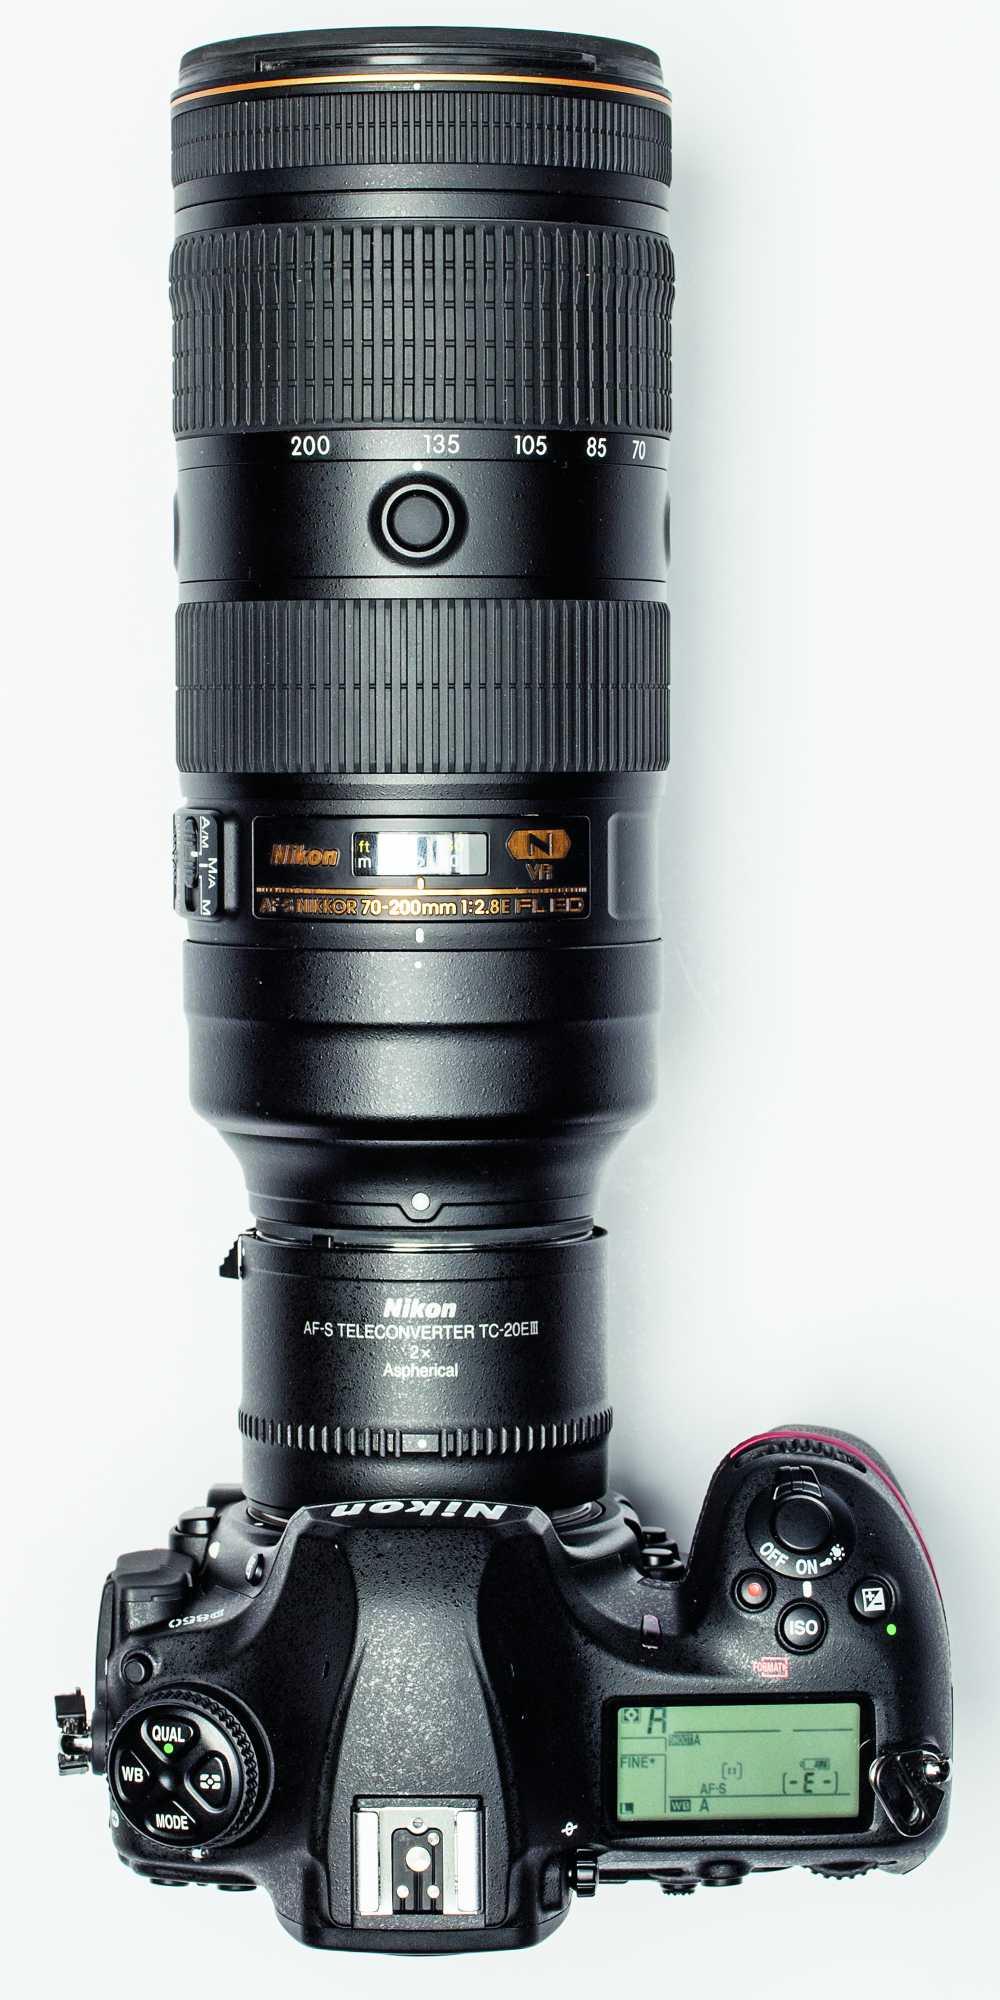 Große Brennweiten können das Fotografen-Budget enorm belasten. Eine Alternative sind Telekonverter, die Brennweite schon vorhandener Objektive vergrößert. Die Geräte mit elektrischer Verbindung zur Kamera sind schon für deutlich unter 200 Euro zu haben. Die Brennweitenvergrößerung geht allerdings zulasten der Lichtstärke: Ein  200  Millimeter  Objektiv  mit  einer Blende von f/2.8 bietet mit einem 2-fach Telekonverter eine Brennweite von 400 Millimetern, hat<br /> aber  nur  noch  eine  Blende  von  f/5.6. Einen Test zu Telekonvertern finden Sie in Ausgabe 04/2018 der c't Digitale Fotografie.